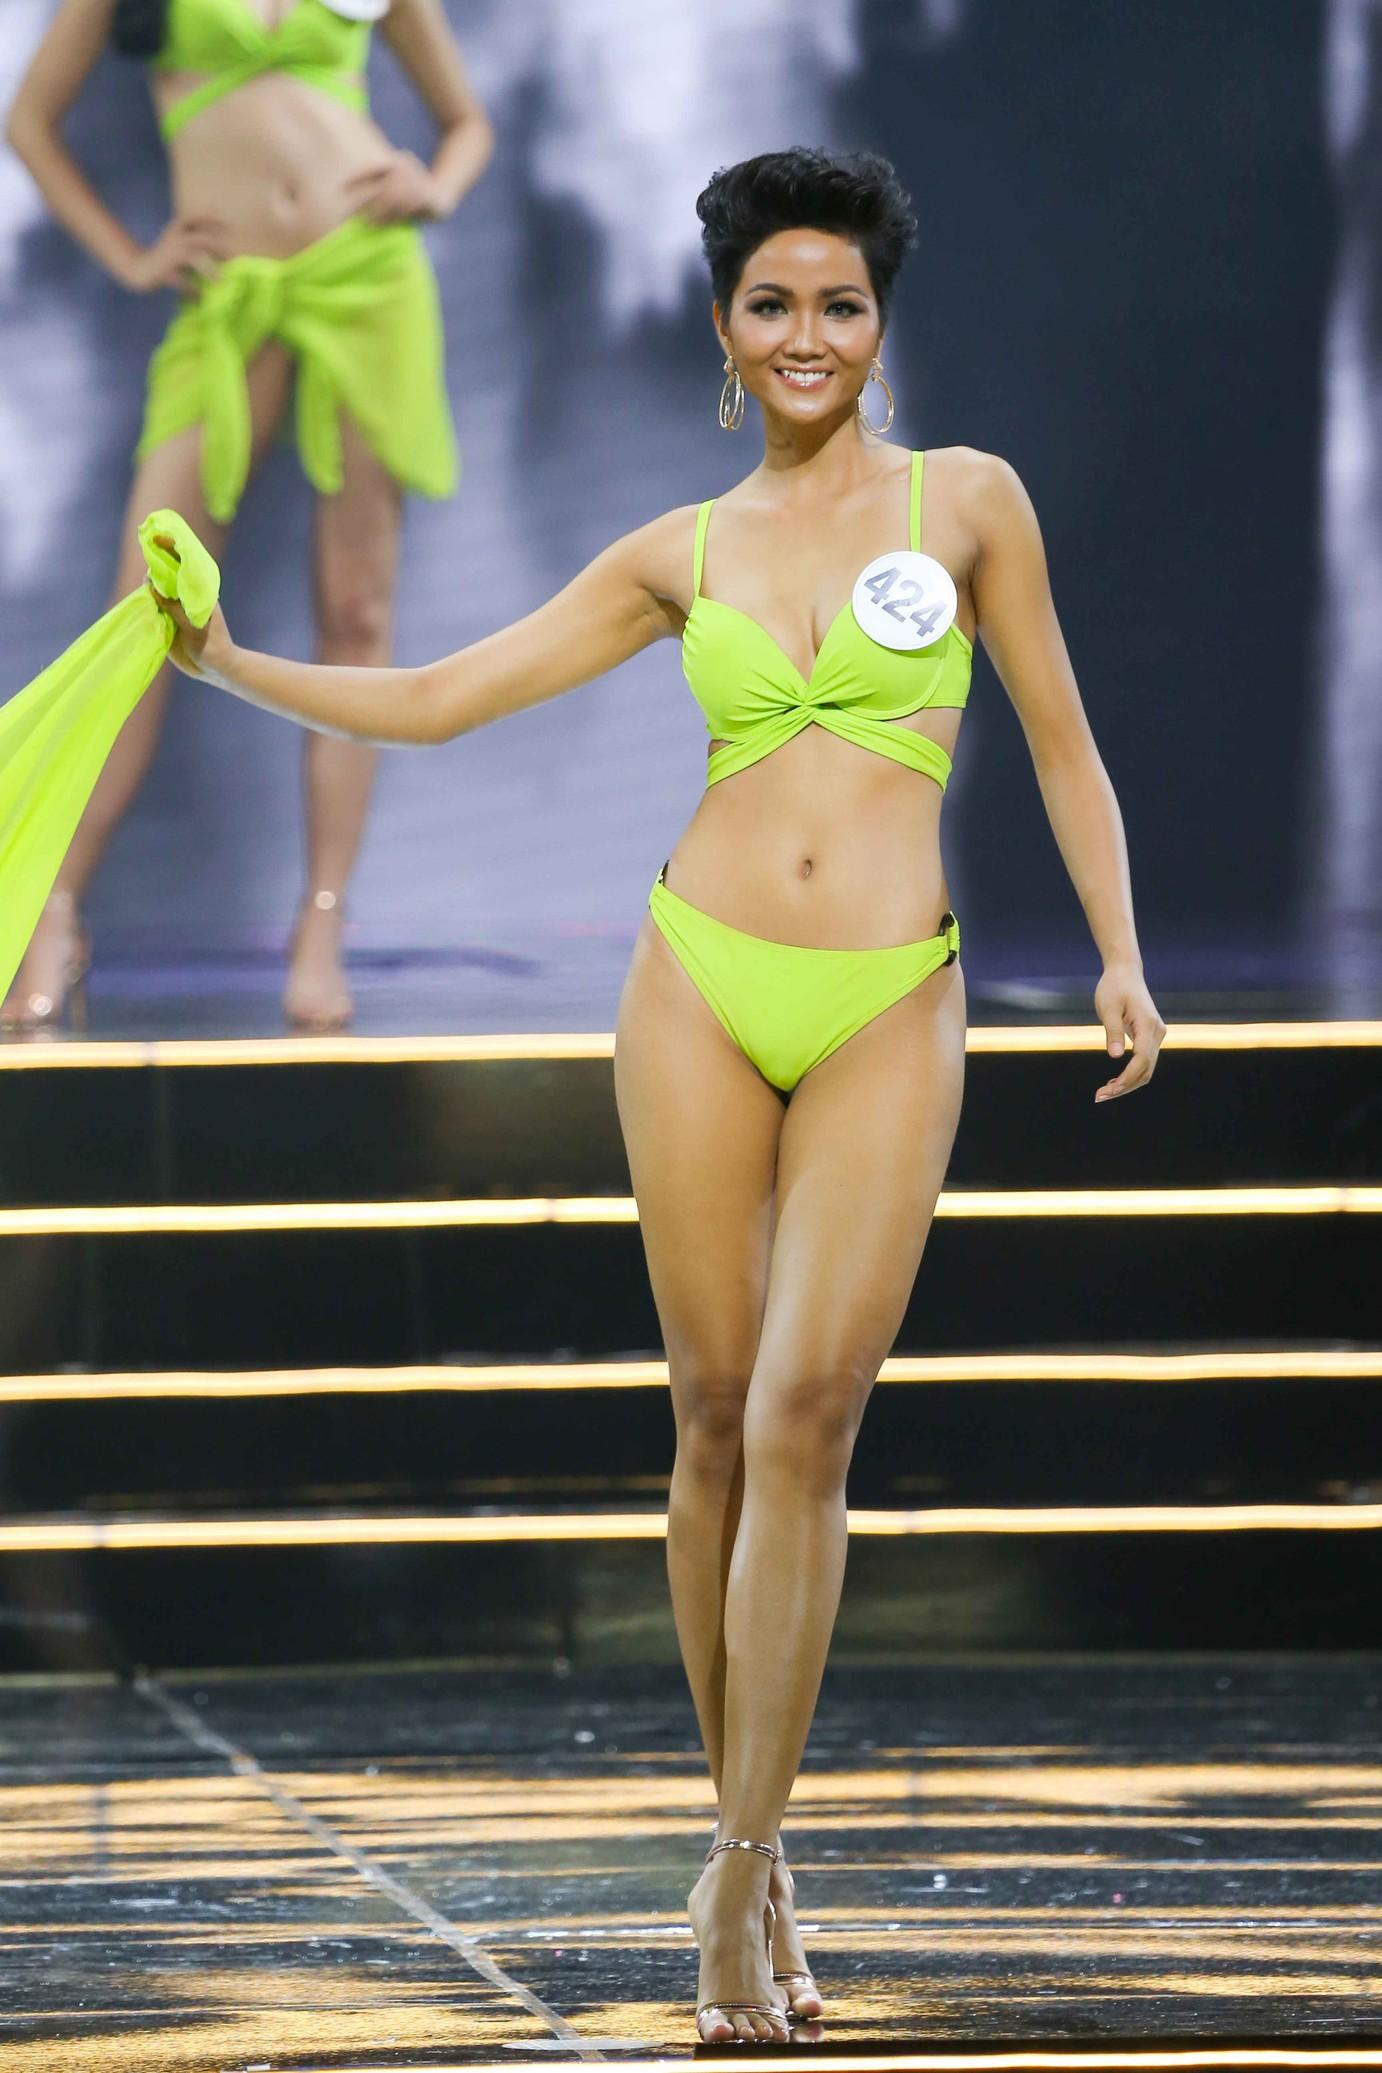 elle việt nam Elle beauty awards best body 1